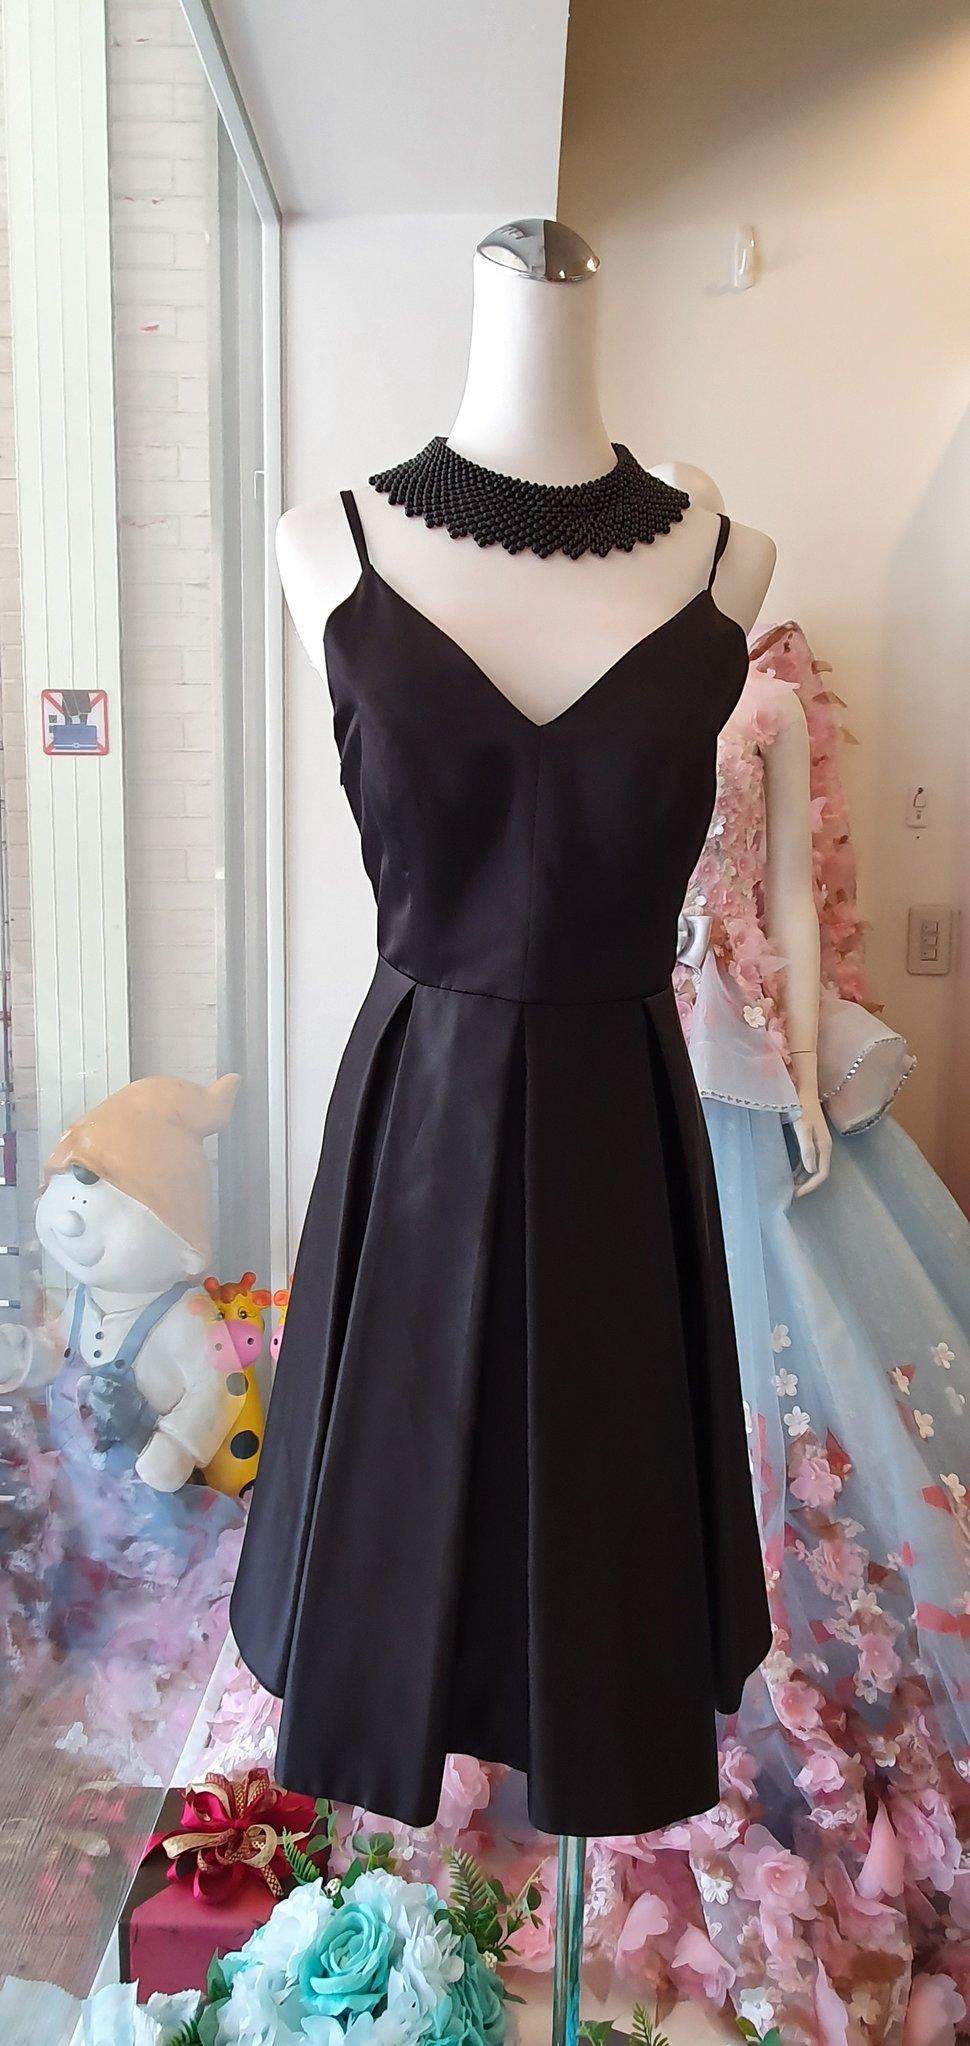 20200214_114414 - 全台最便宜-45DESIGN四五婚紗禮服《結婚吧》